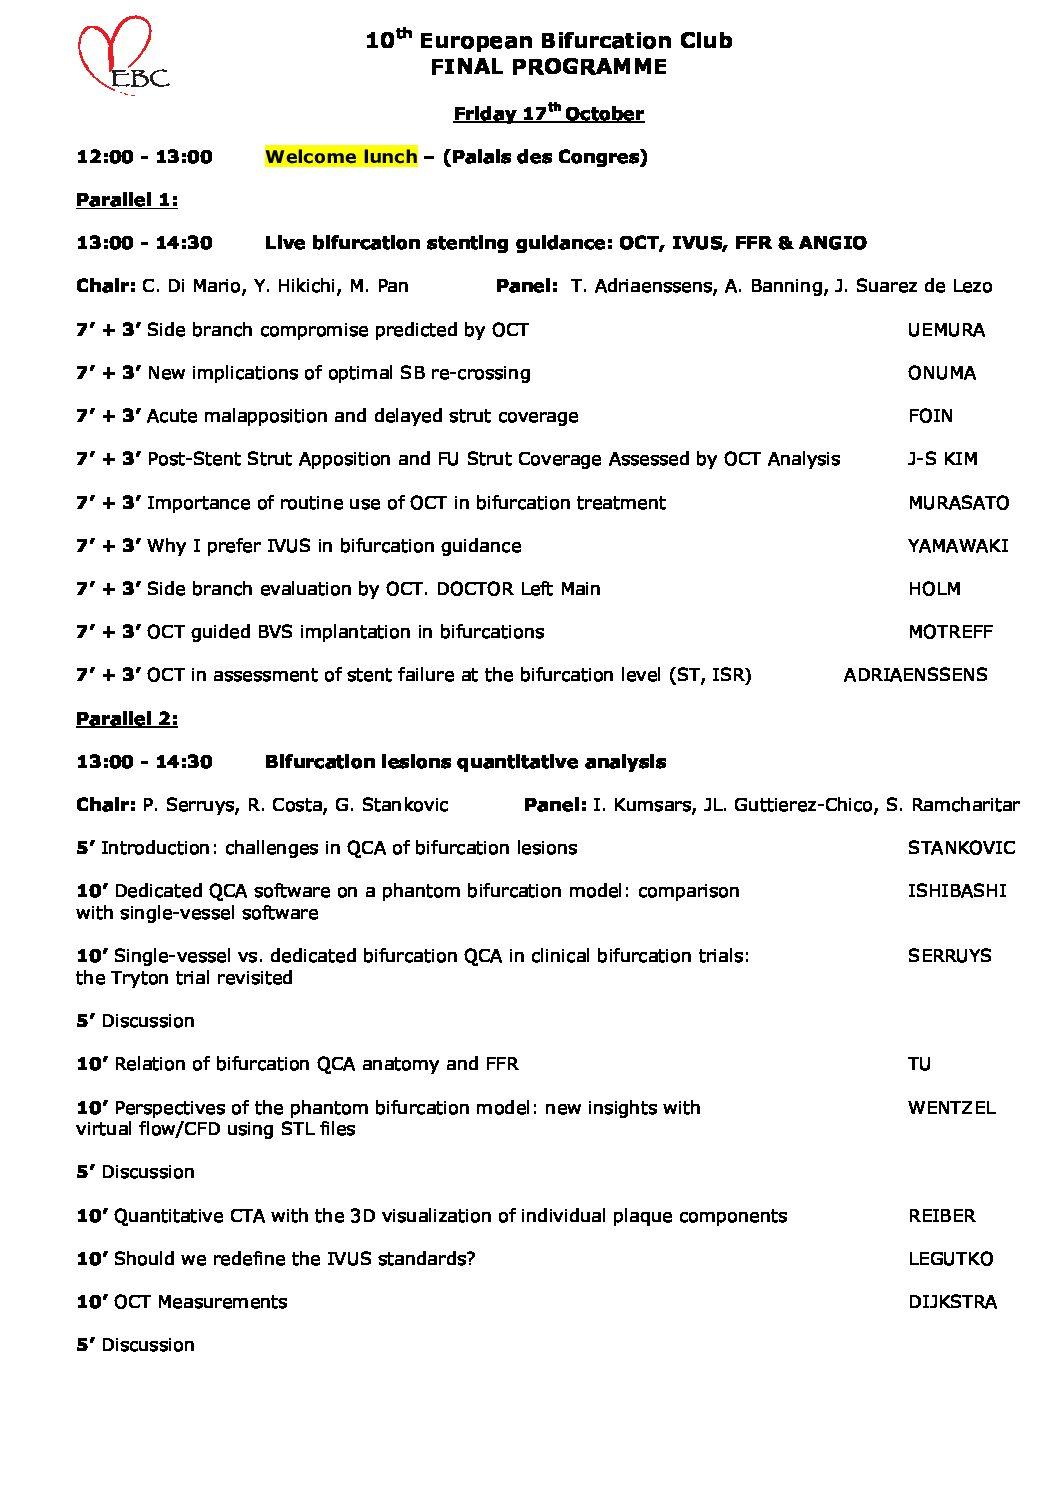 EBC 2014 – Programme